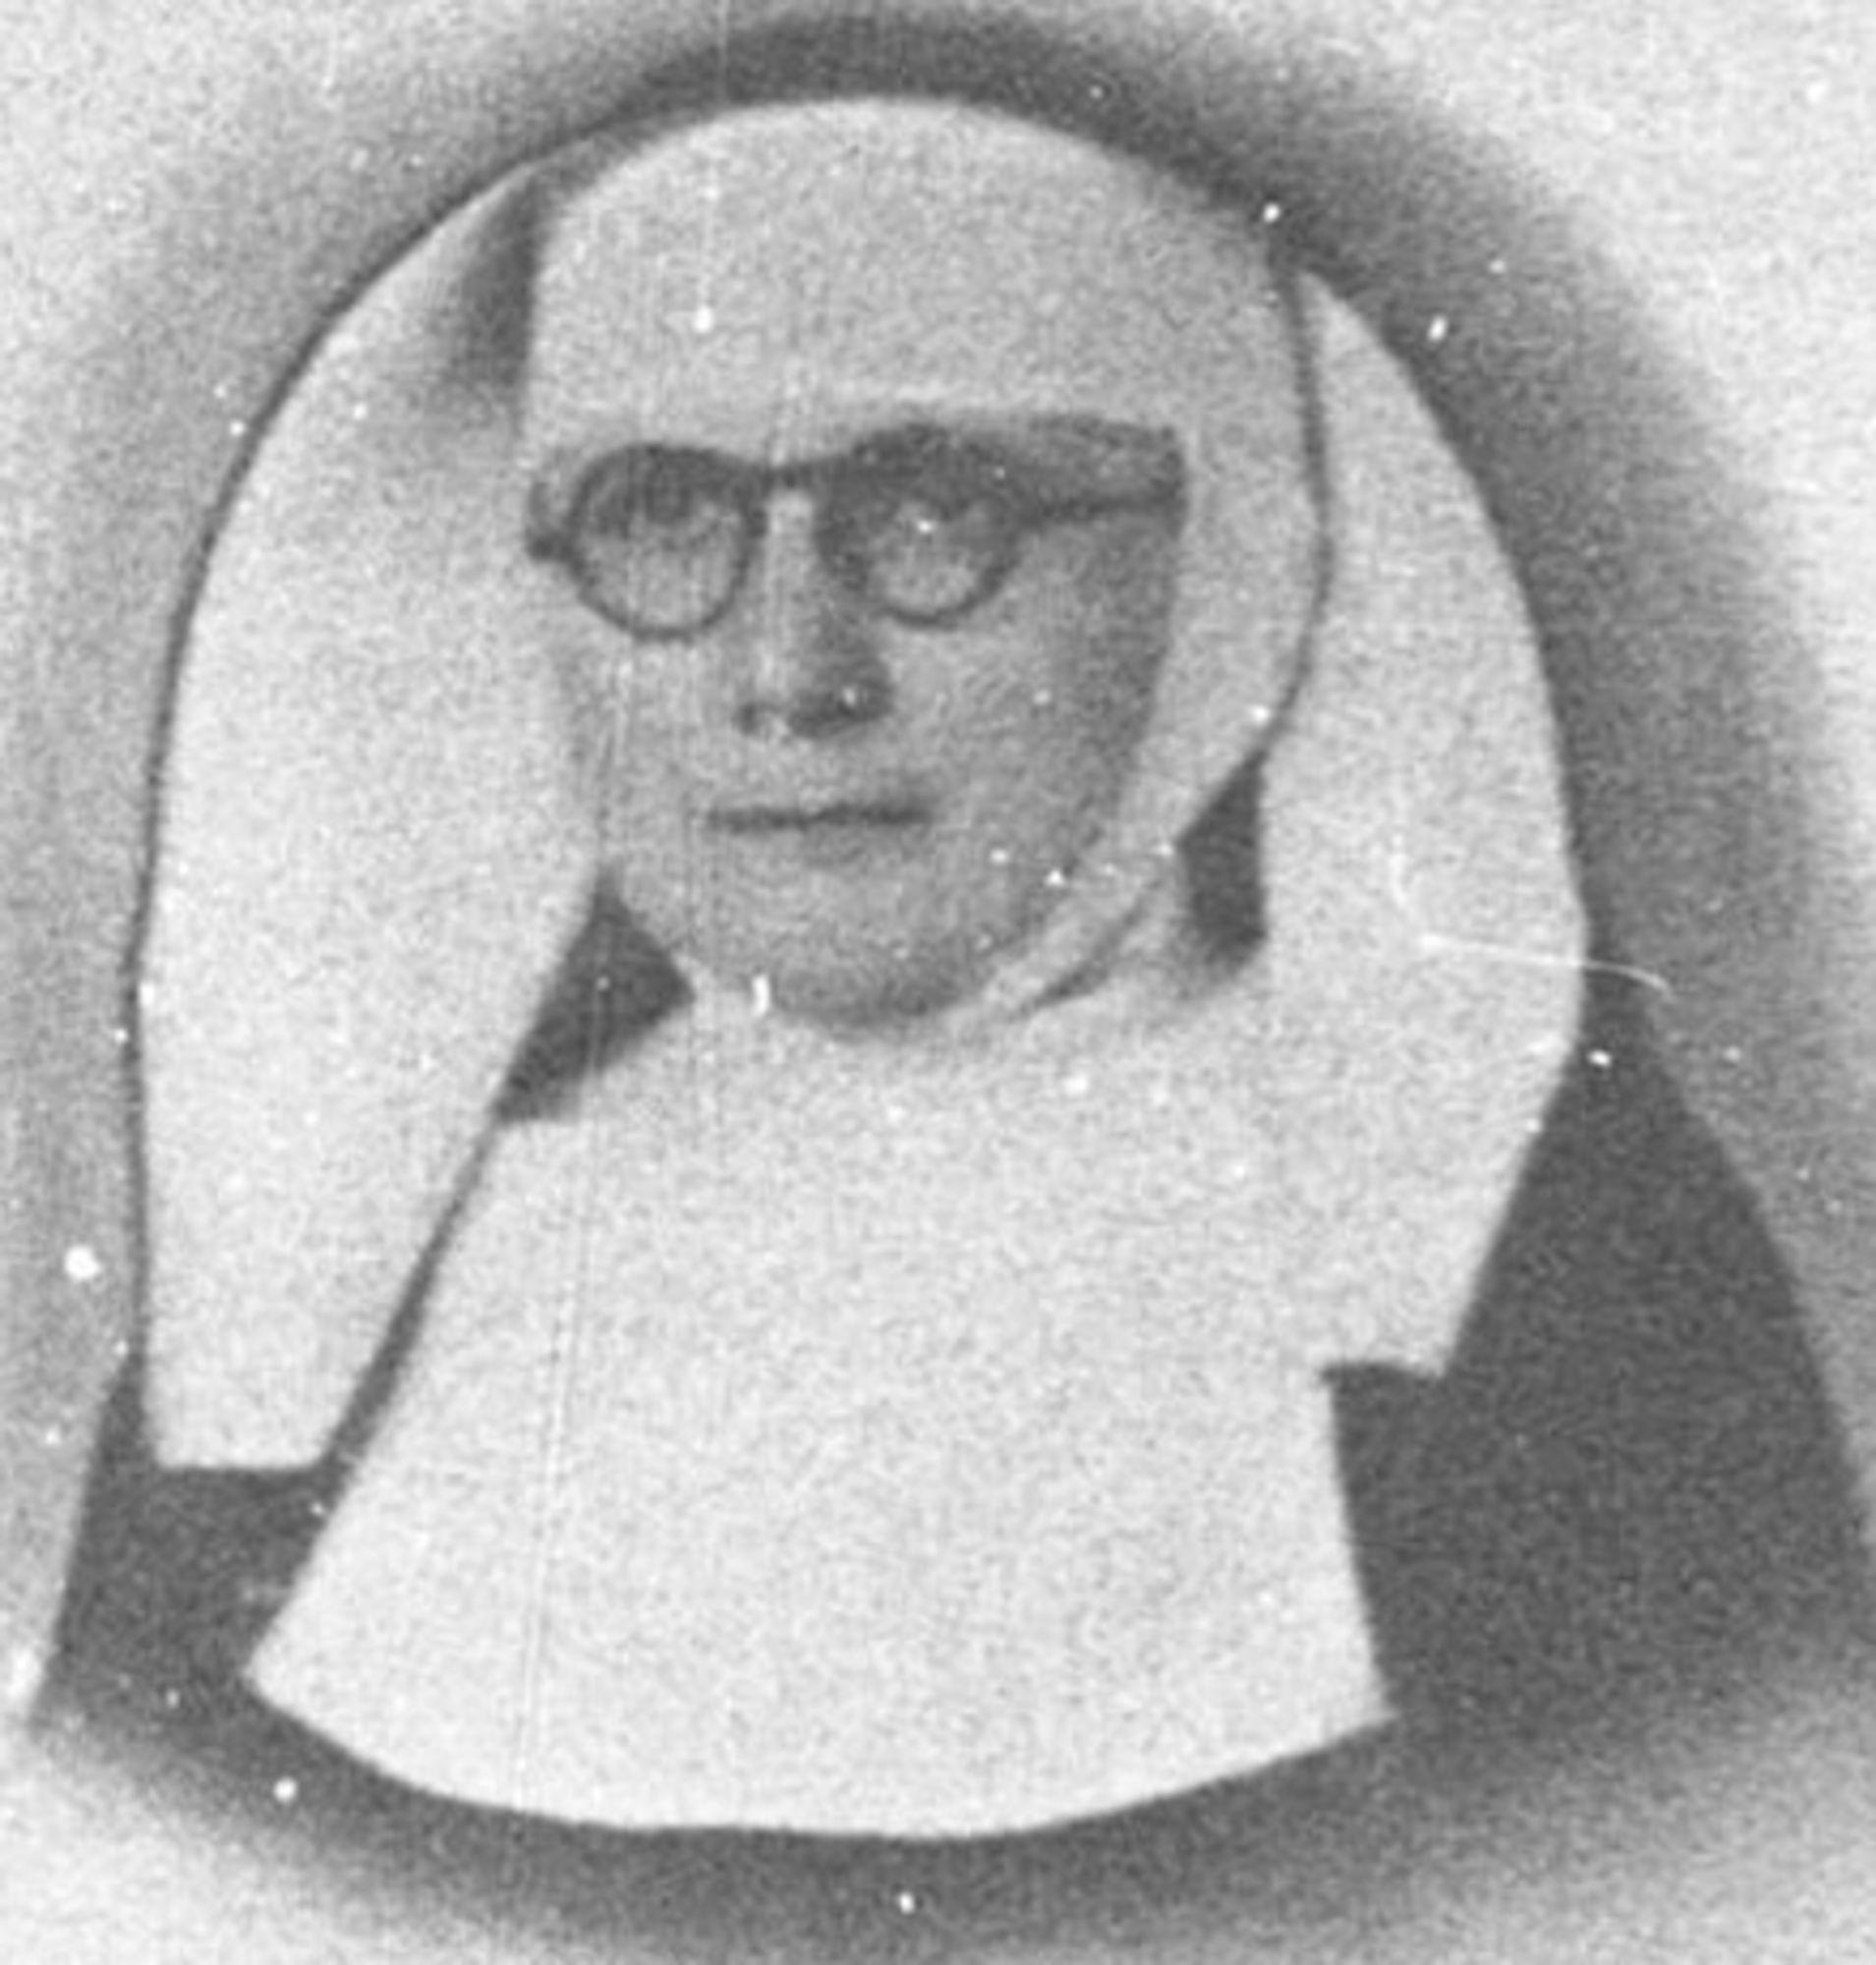 Zuster van Liefde in de Rekolettenstraat